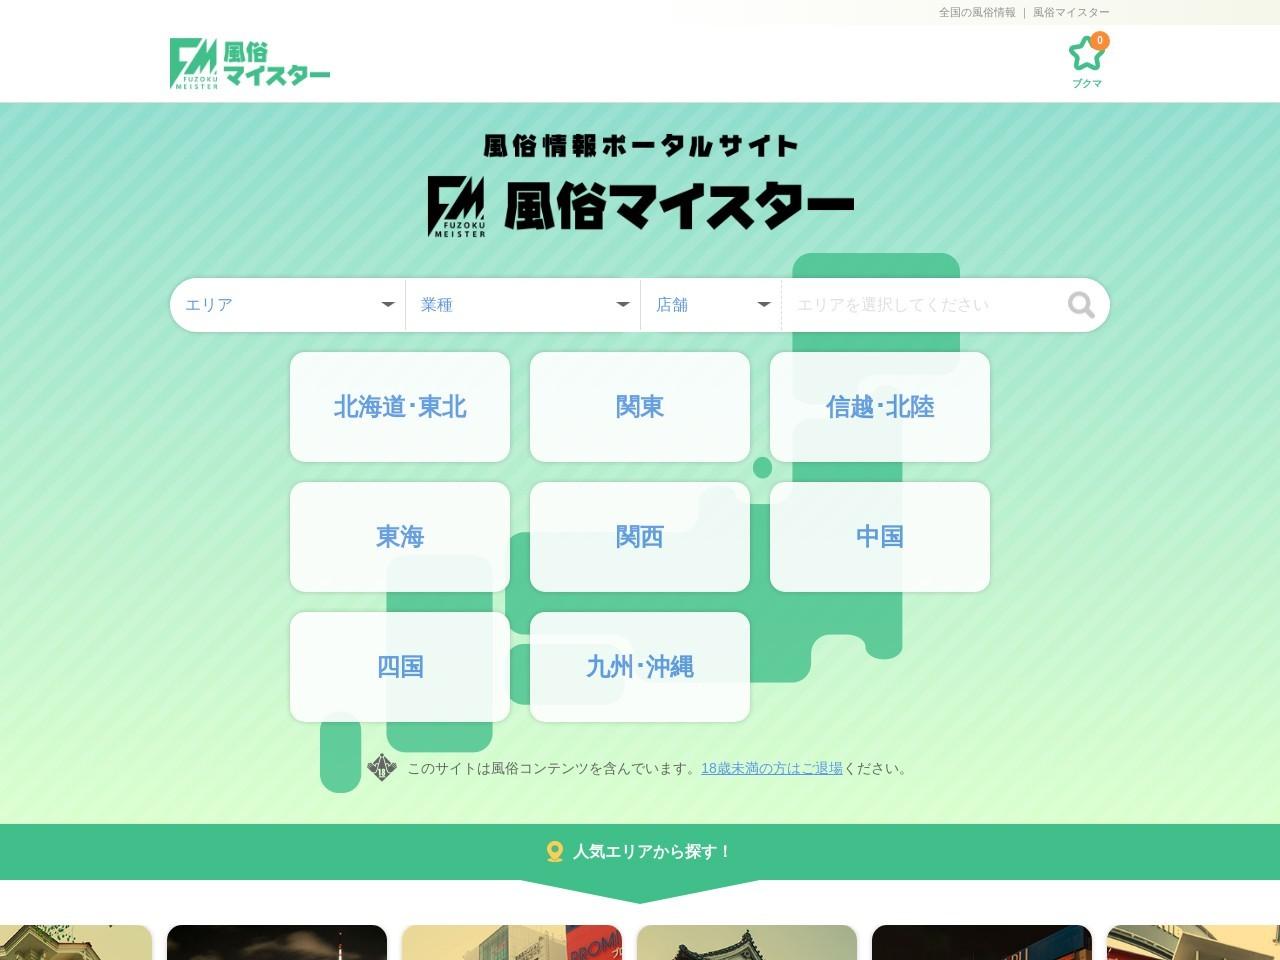 外部サイト:YA風俗! JAPAN